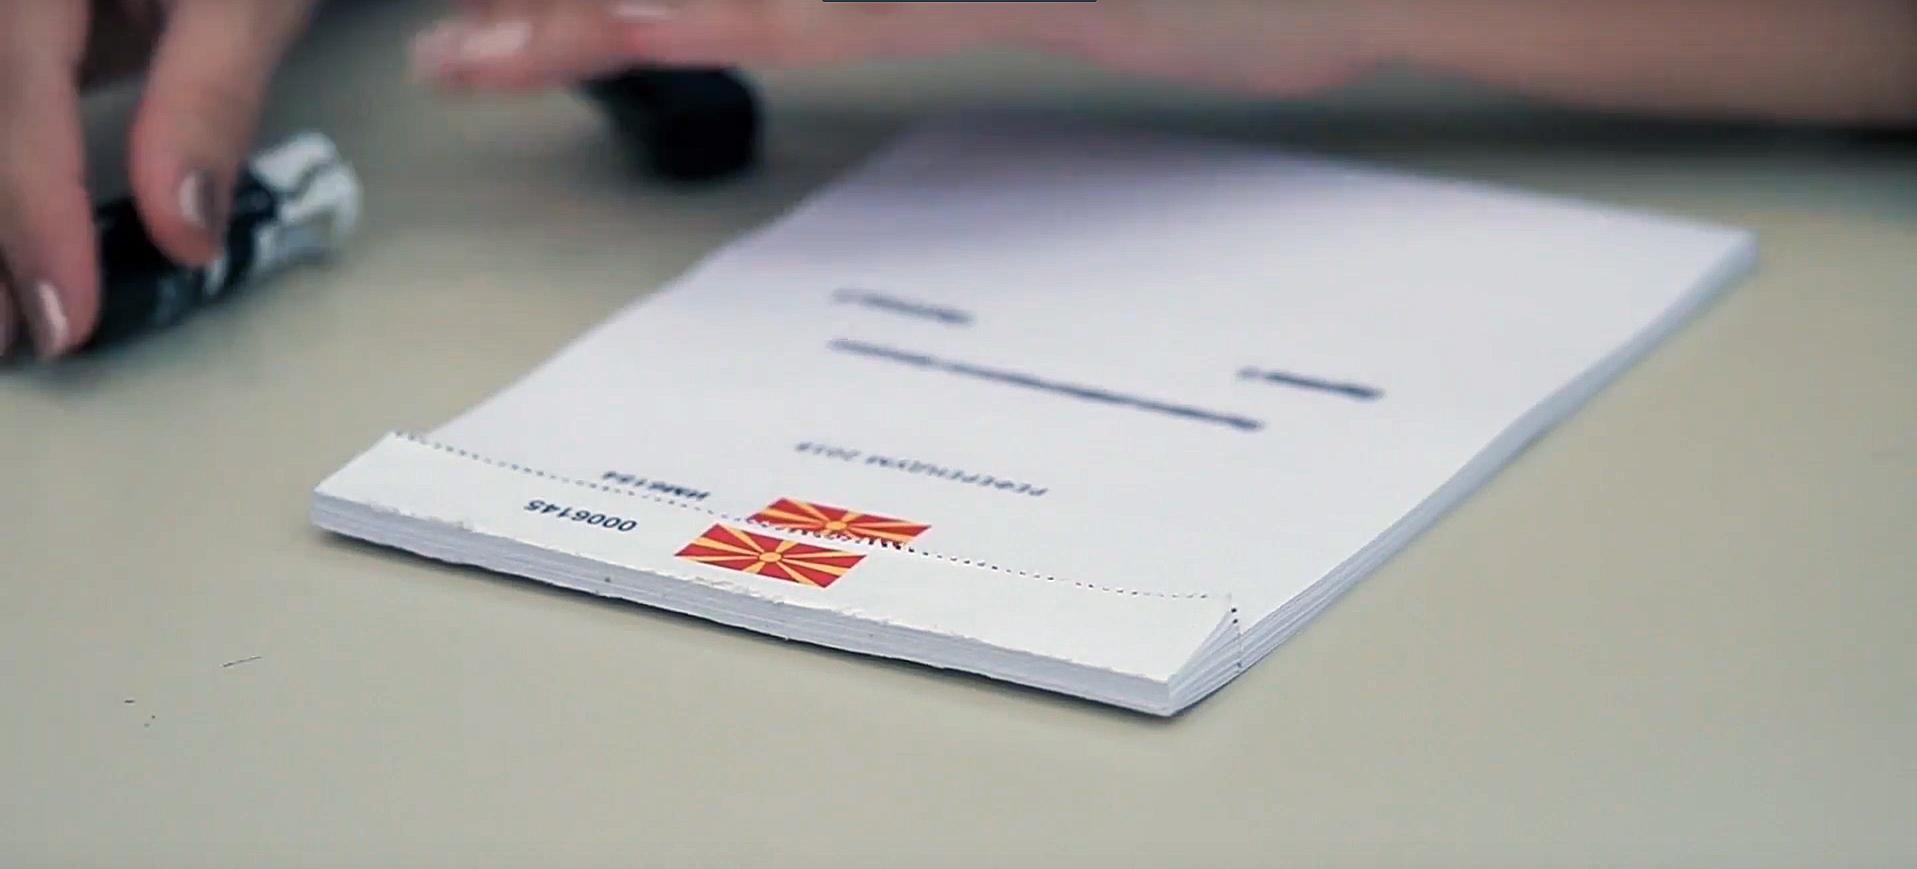 Формирана е привремена Комисија за следење на евентуални изборни нерегуларности